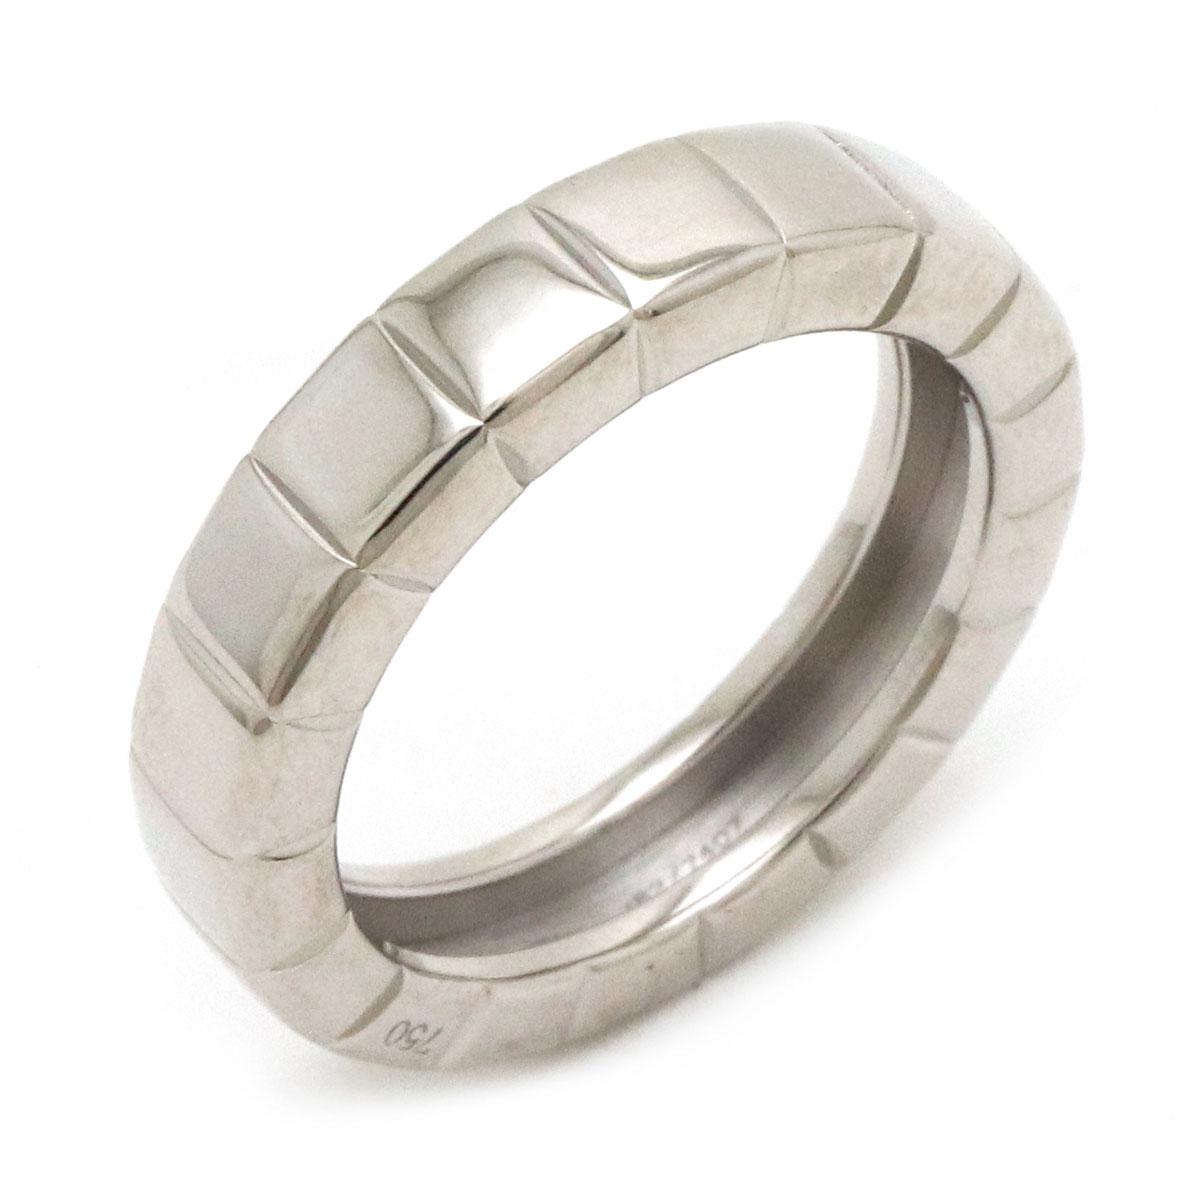 レディース ブランド アクセサリー 指輪 ジュエリー 新品仕上げ済 Chopard ショパール アイスキューブリング 中古 お値打ち価格で 7407 ホワイトゴールド 82 #8 8号 K18WG 新作からSALEアイテム等お得な商品満載 750WG